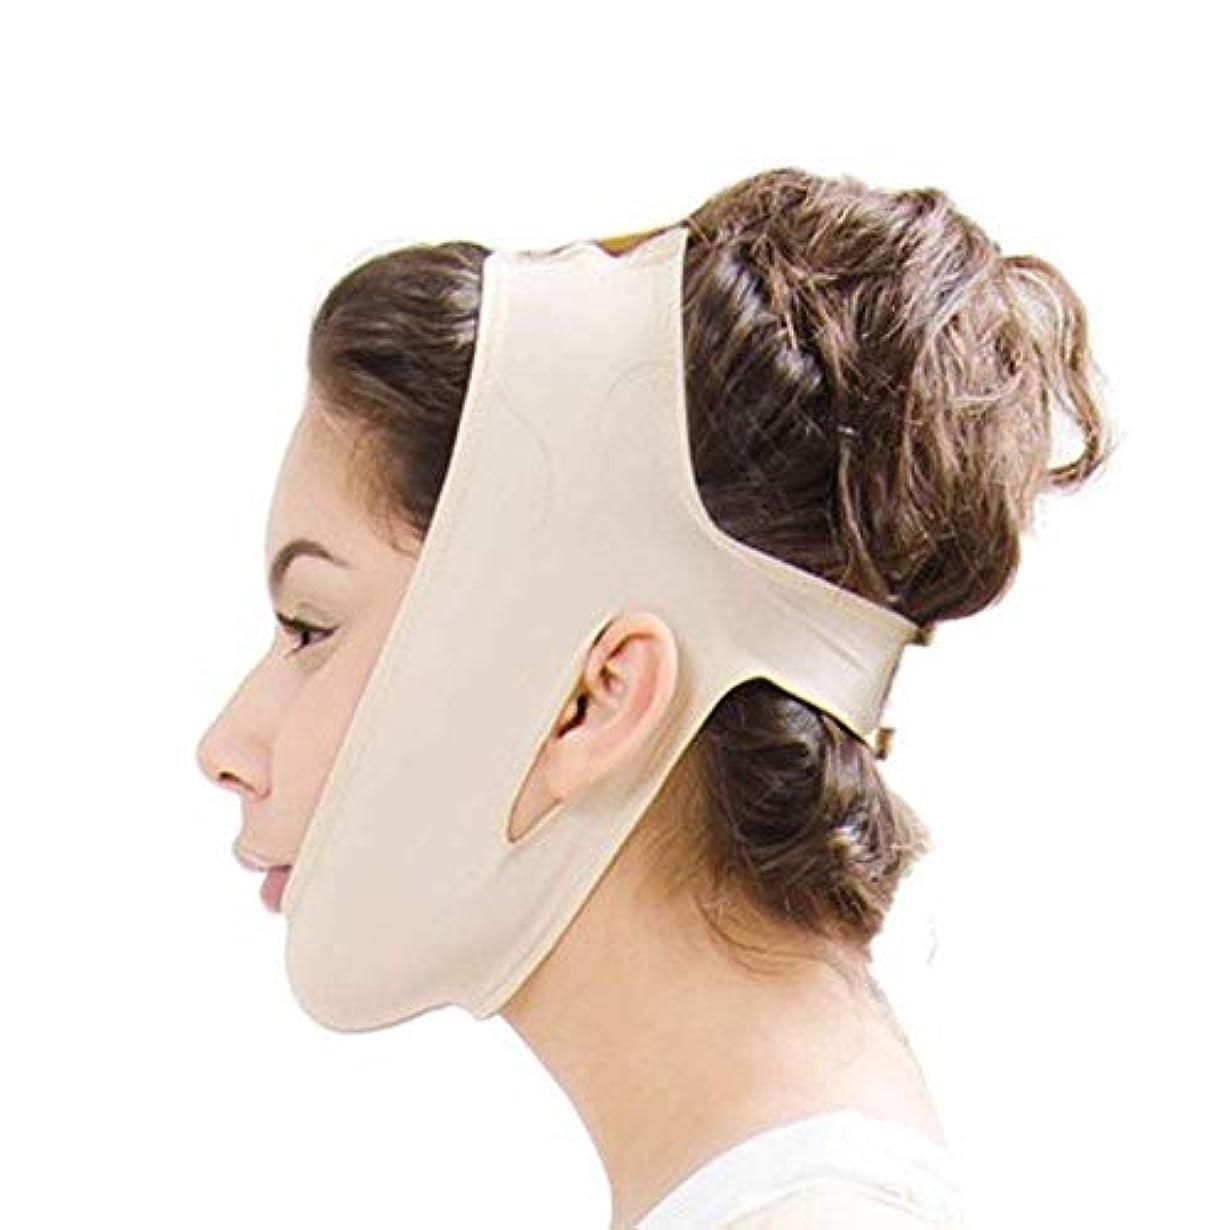 アニメーション悪性腫瘍年金フェイスリフティングマスク、フェイスダブルチンコンプレッションシンスモールVフェイスバンデージヘッドギアリフティングファーミングスキン(サイズ:L)